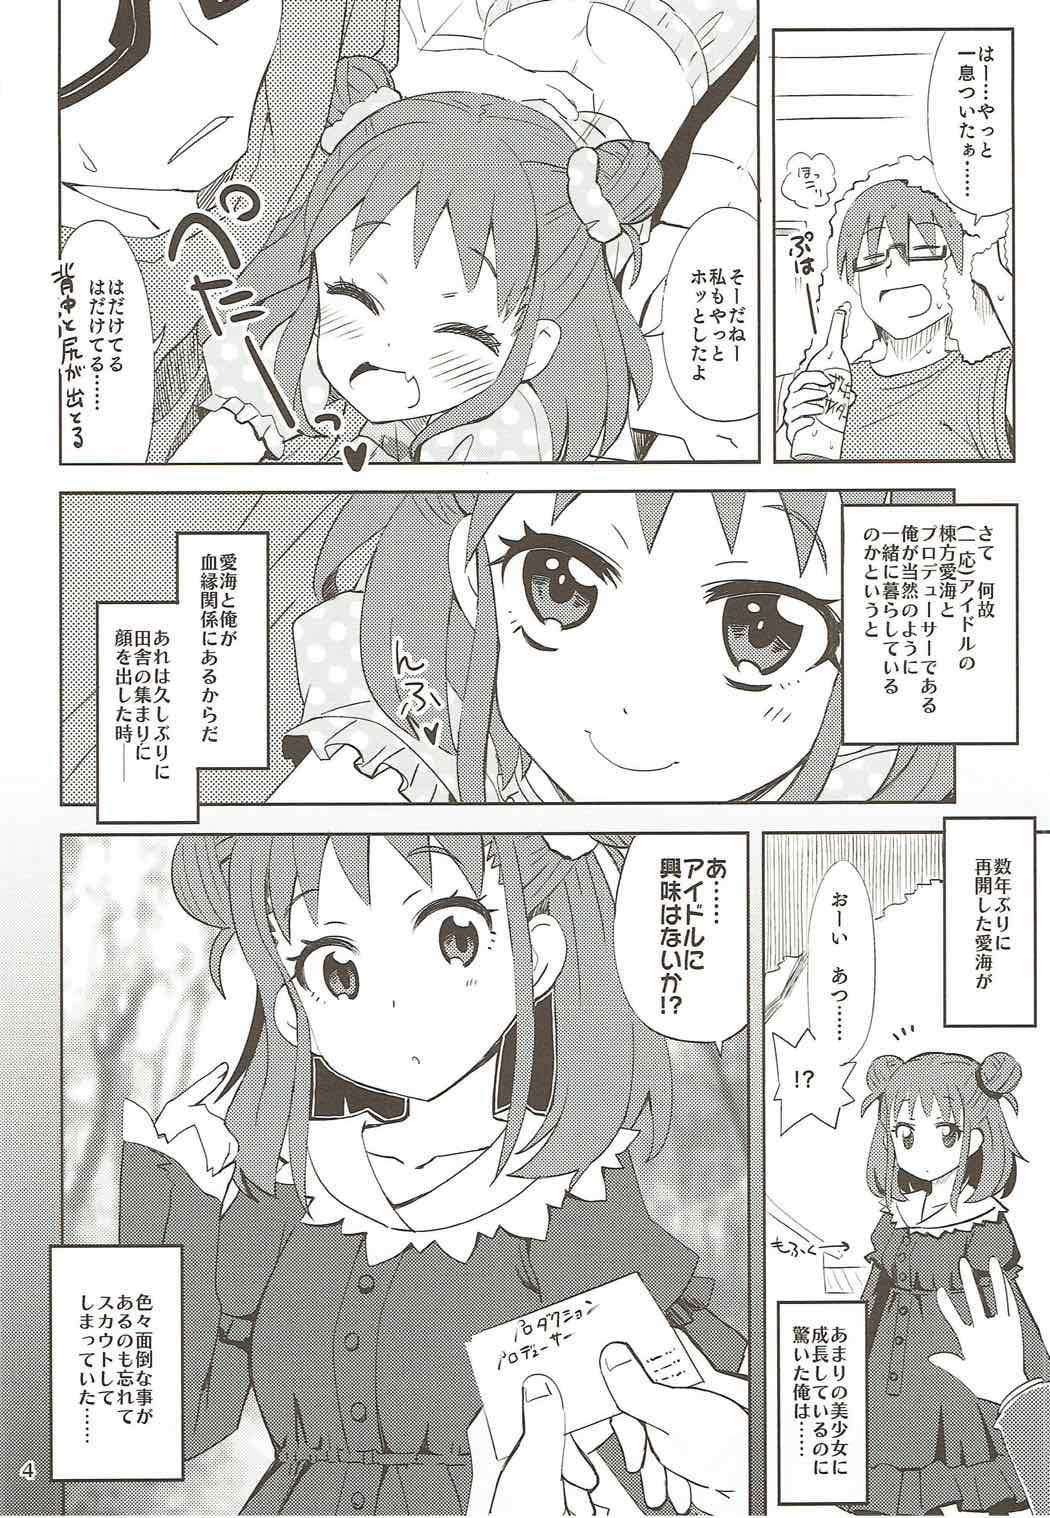 Samishigariya no Ai wa Umi yori mo Fukaku, Yama yori mo Yawai. 2